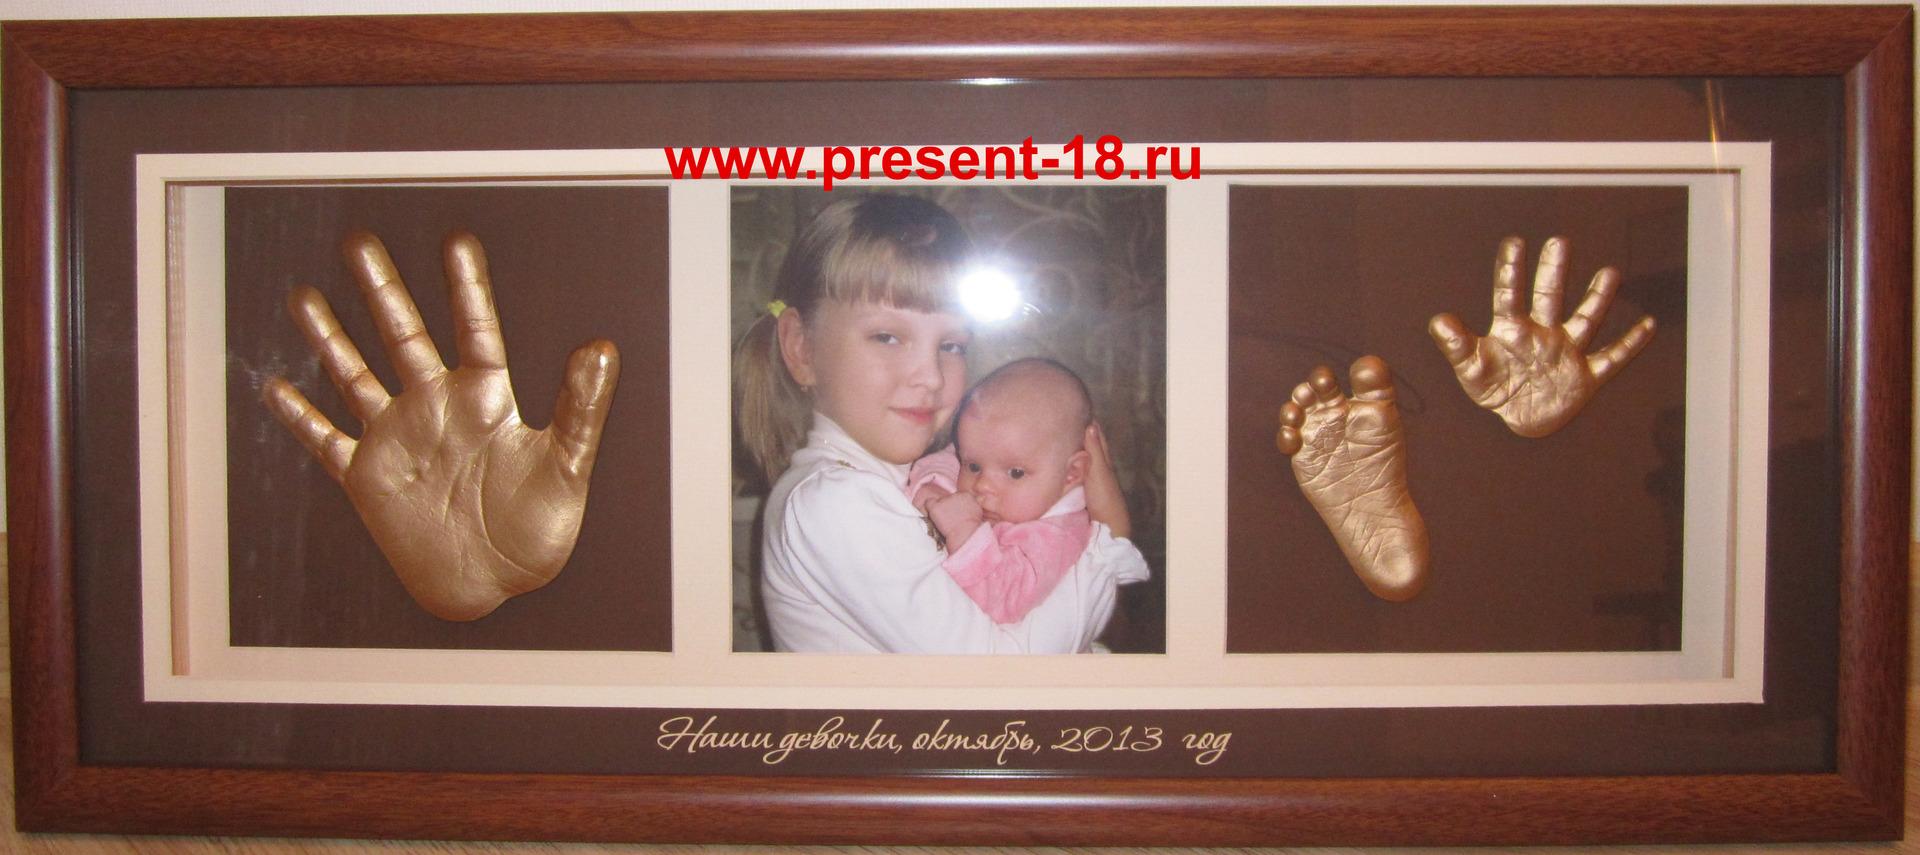 Рустам Солнцев копит деньги на суррогатную мать 13